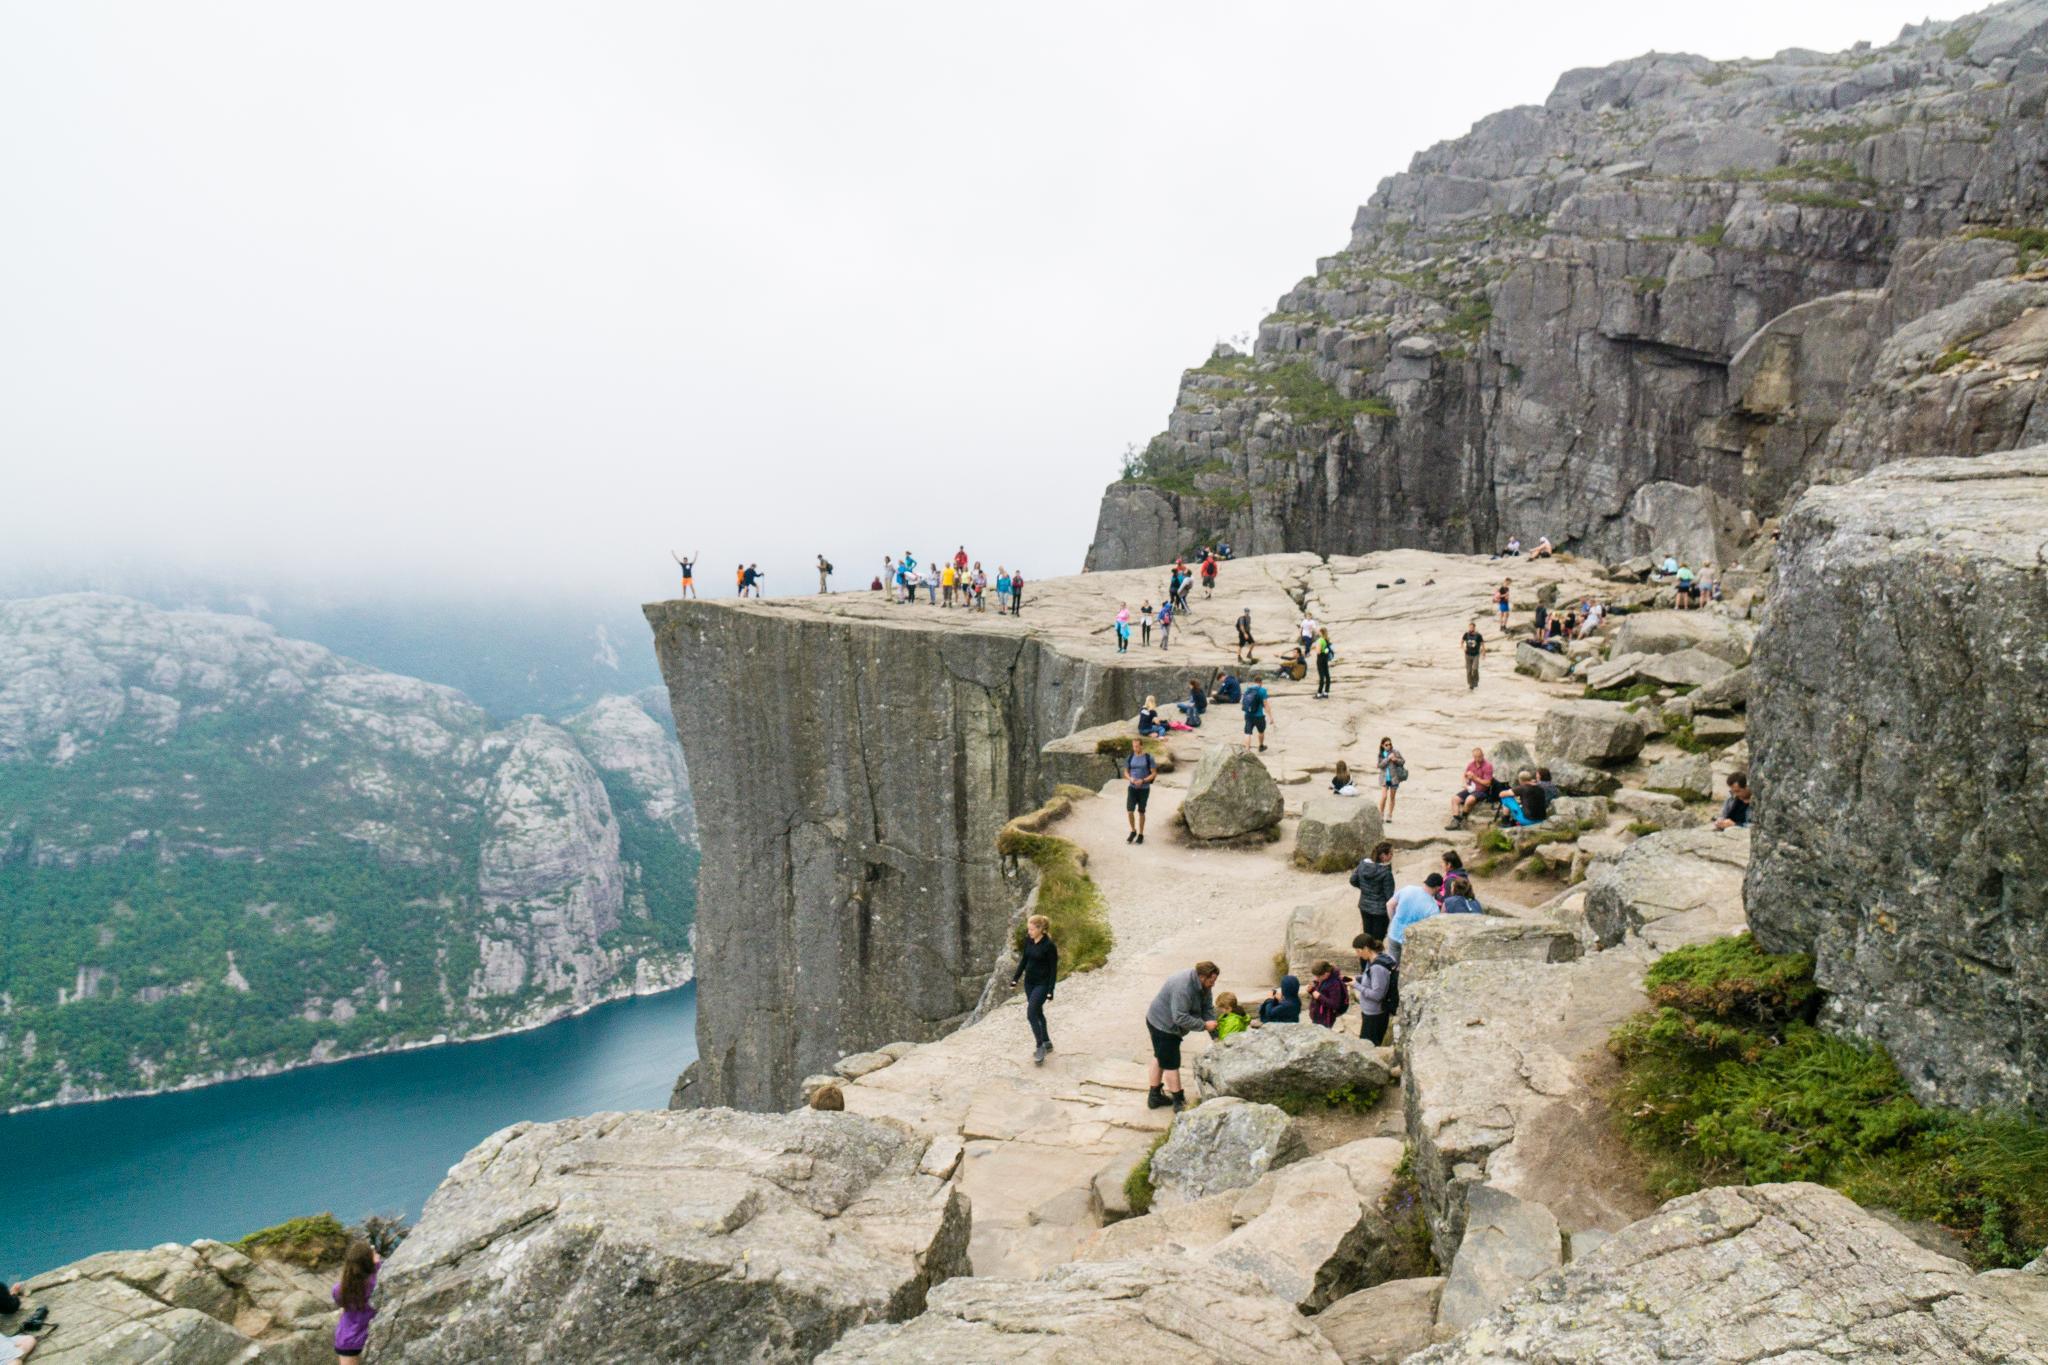 【北歐景點】朝聖挪威三大奇岩:聖壇岩Preikestolen健行紀錄 28